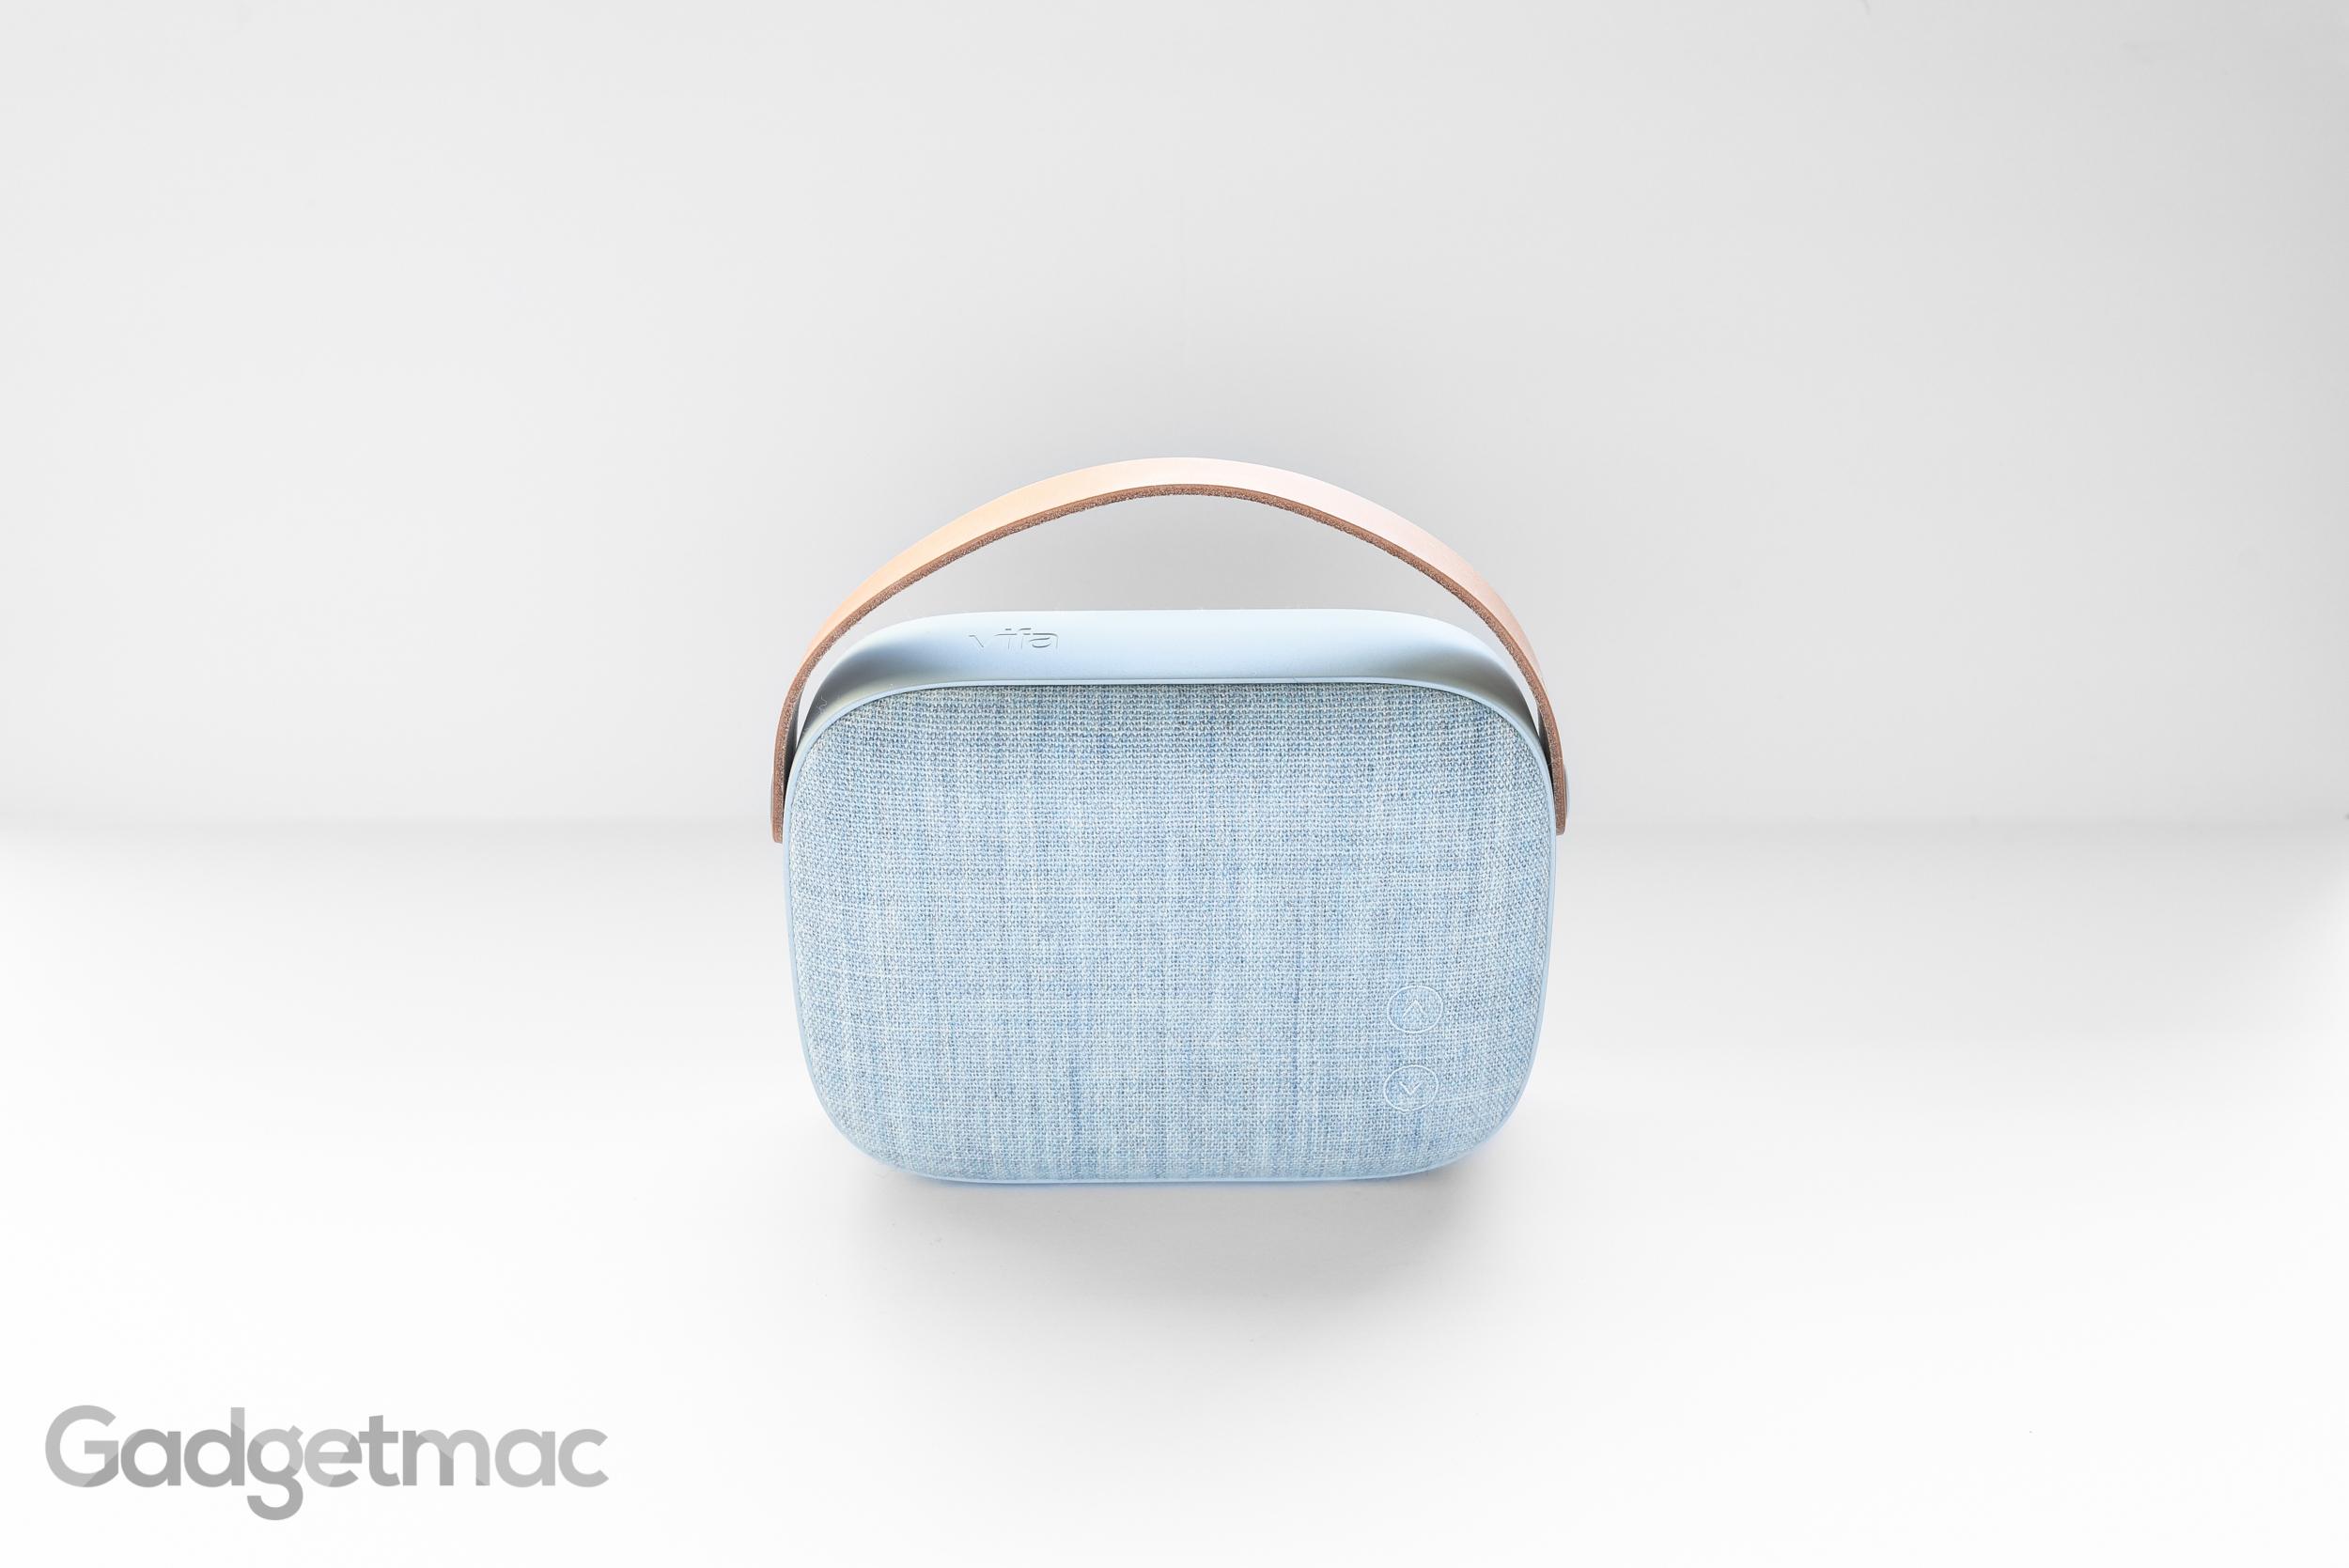 vifa-helsinki-portable-wireless-speaker-misty-blue.jpg